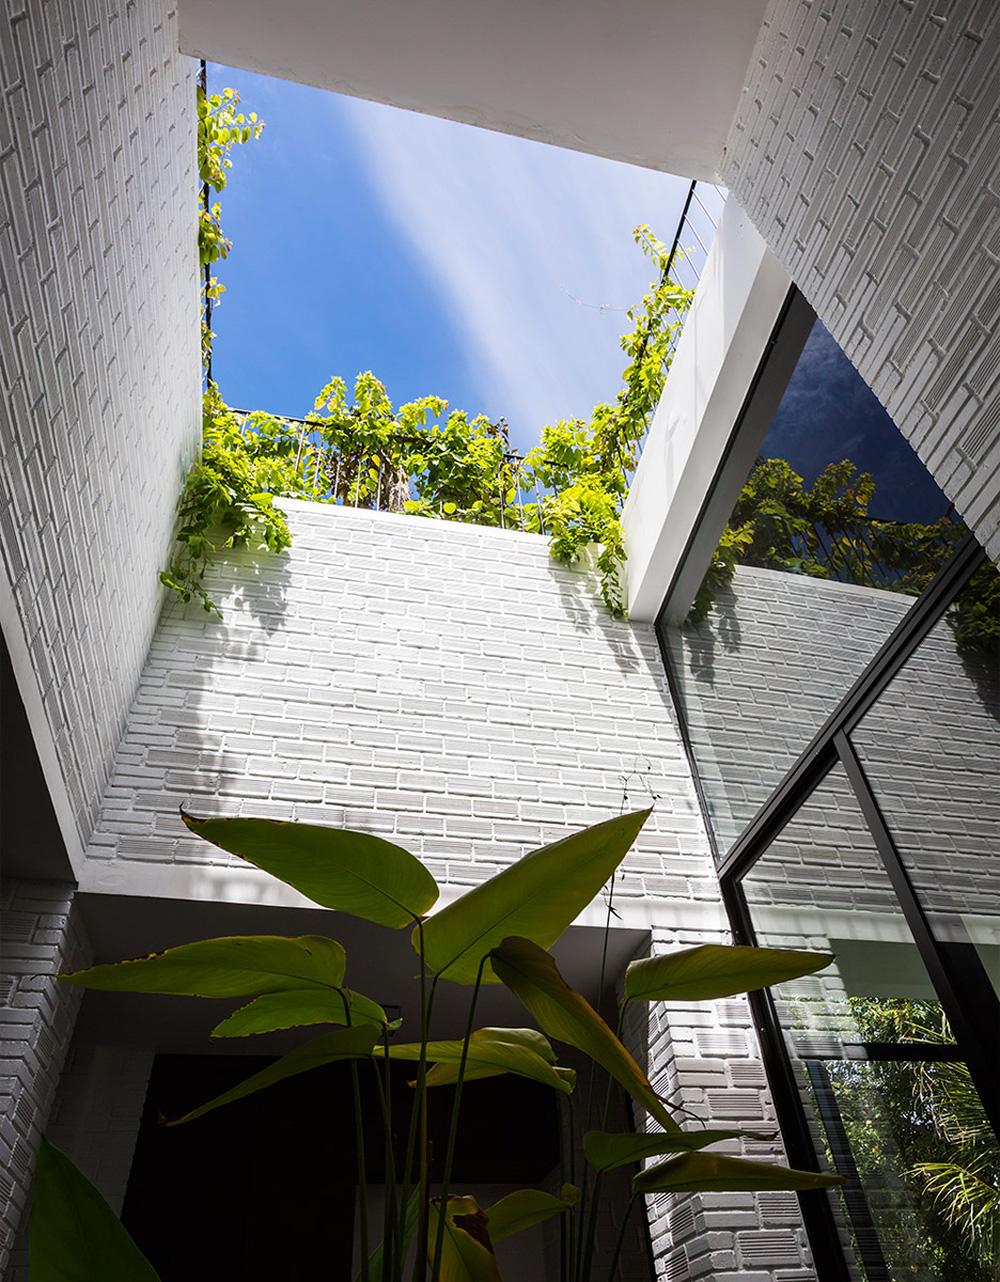 Thêm một công trình đỉnh cao của KTS Võ Trọng Nghĩa: Ngôi nhà với ruộng bậc thang trên mái, ngắm mà phải thốt lên ờ mây zing - Ảnh 7.